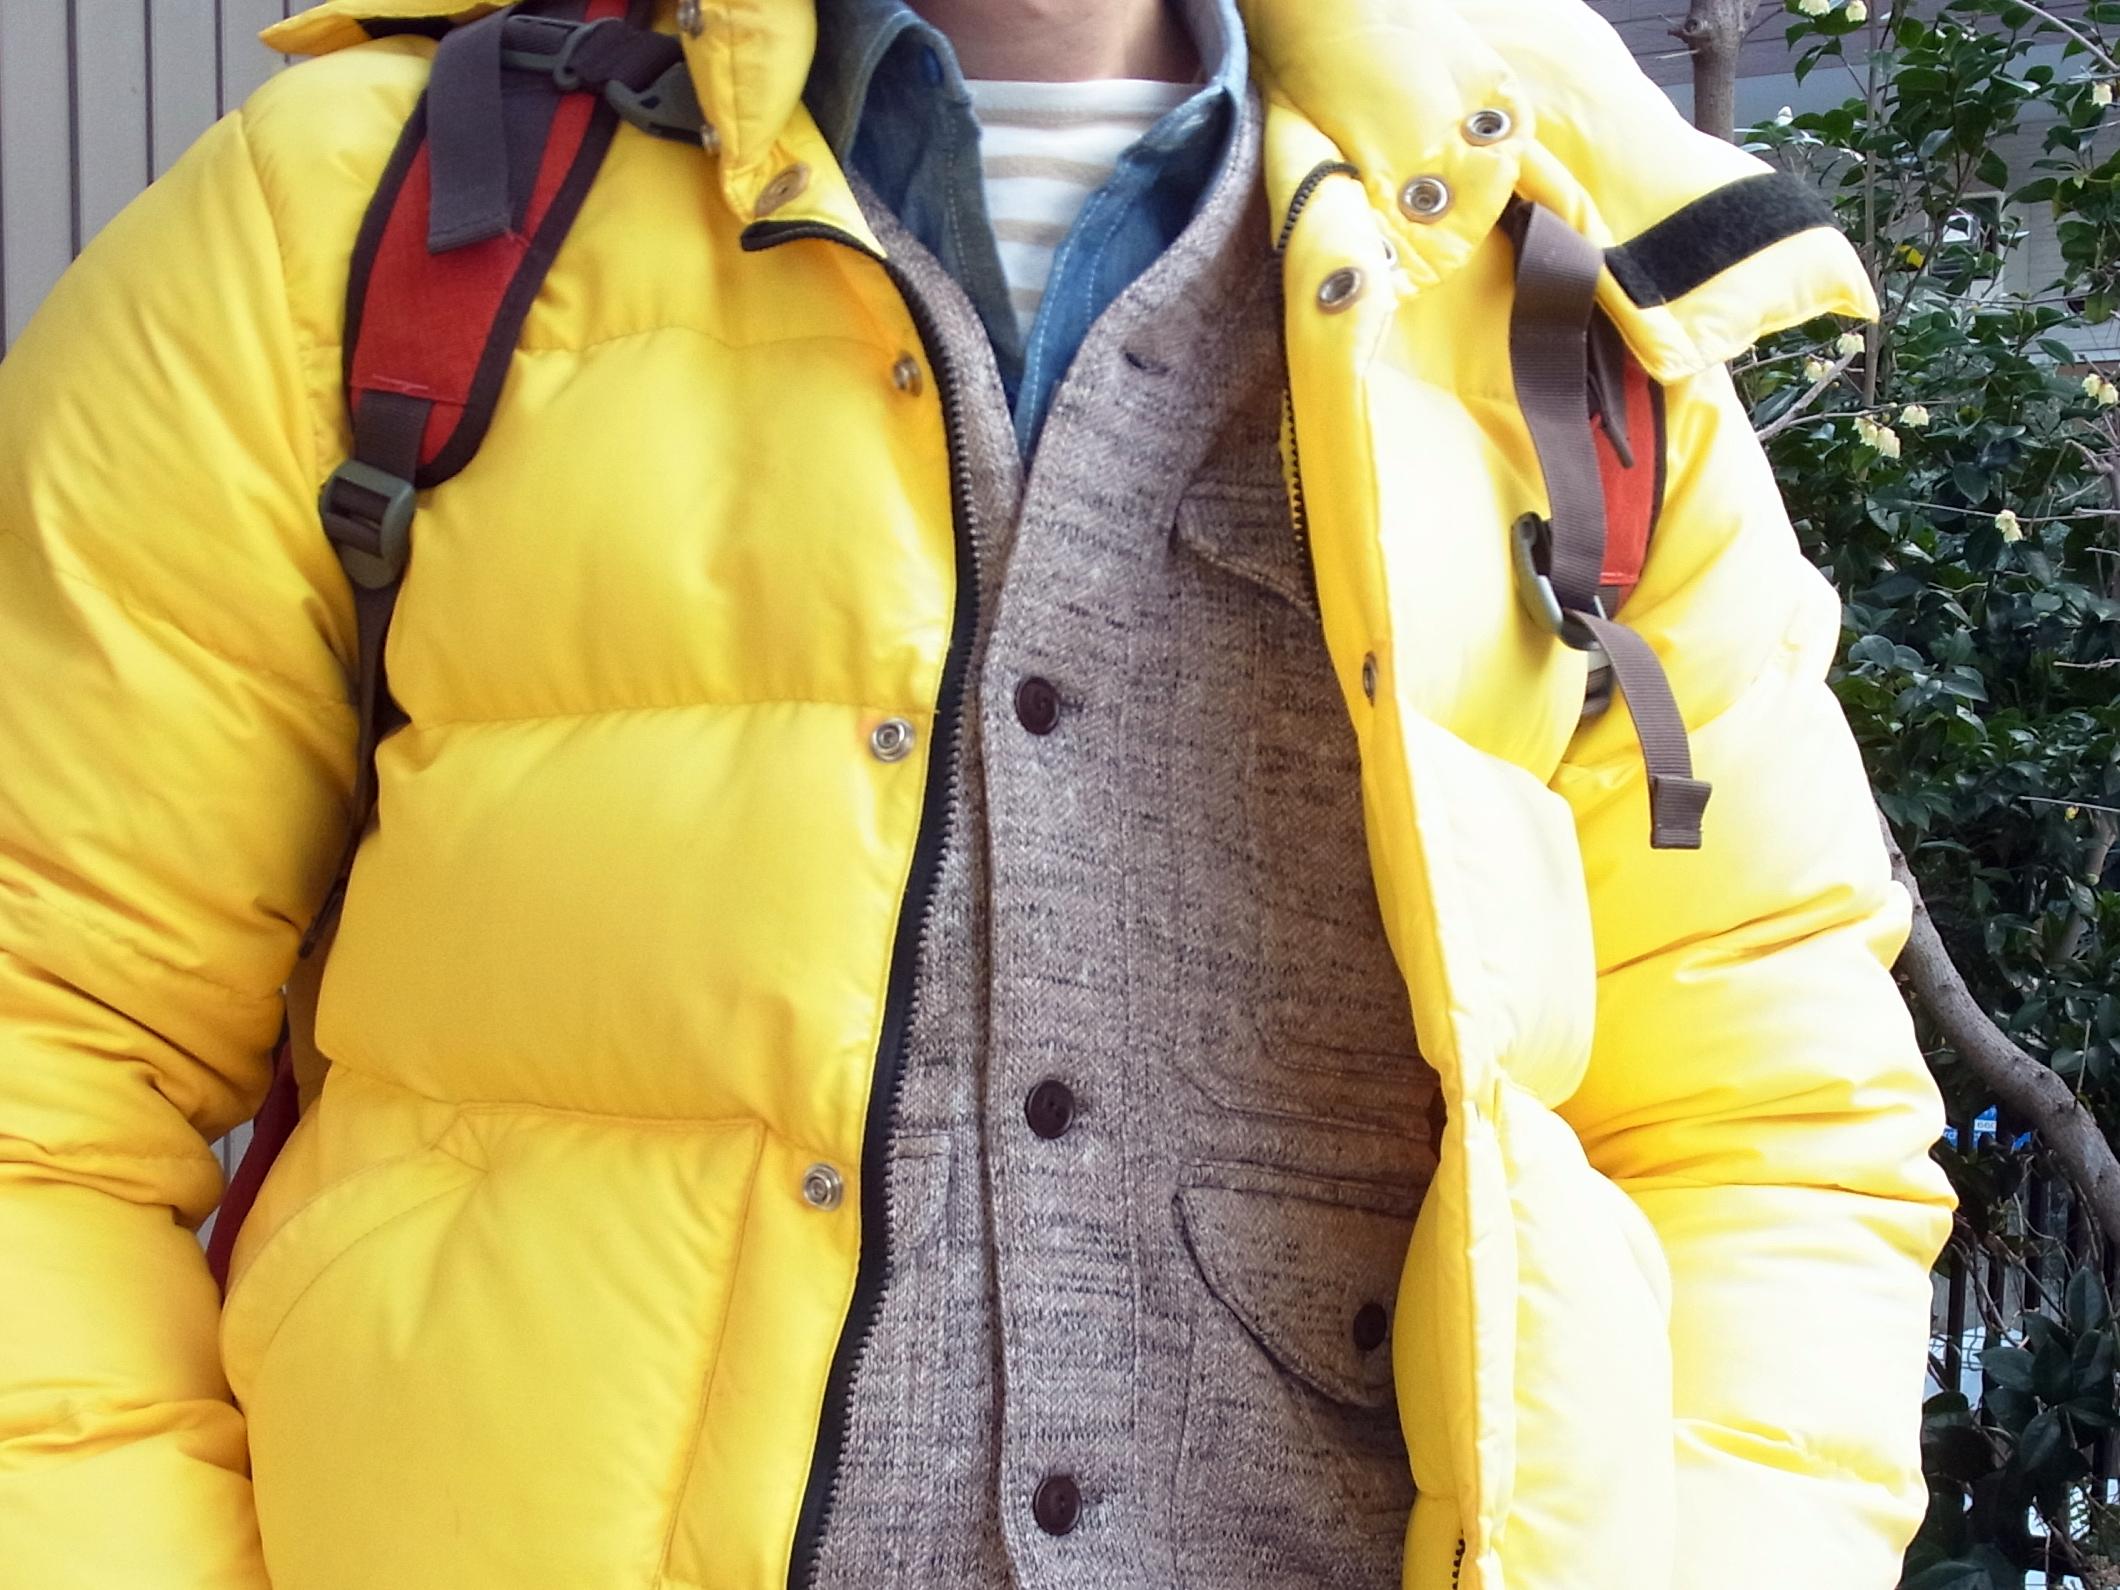 【最新版】マウンテンパーカーを都会的に着こなすインナーテク&人気マウンテン